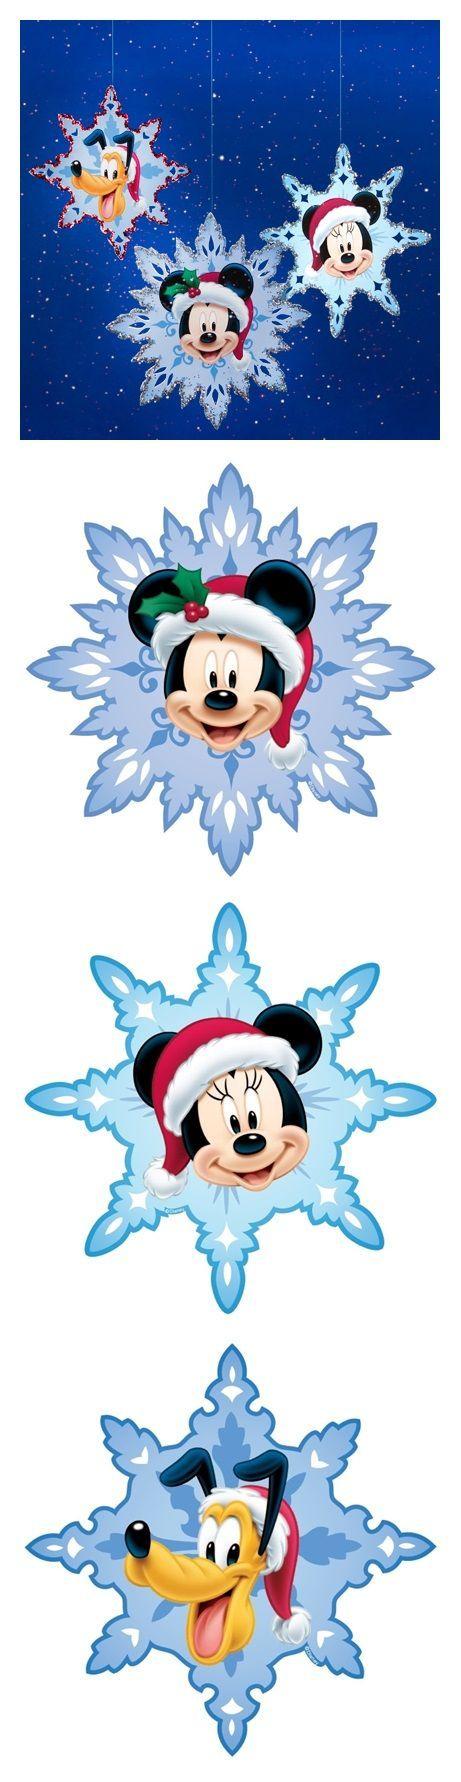 disney snowflakes: